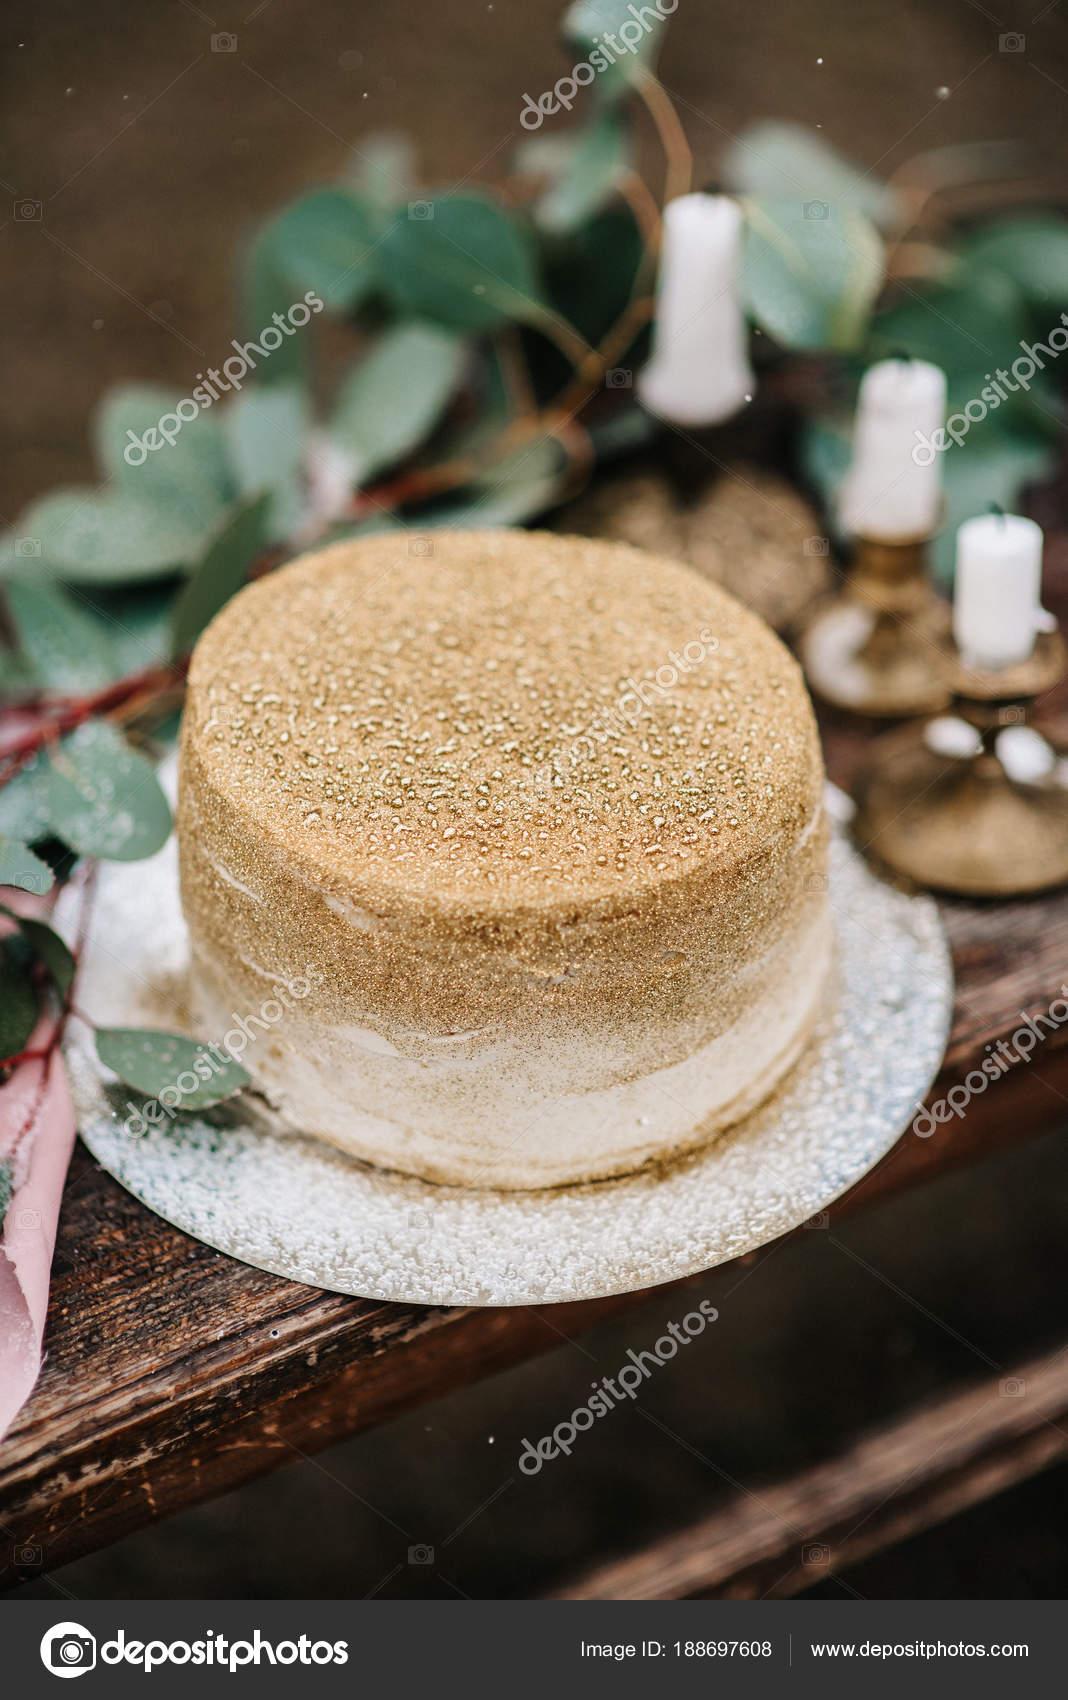 Hochzeit Dekoration Mit Einem Goldenen Kuchen Stockfoto C Andreua